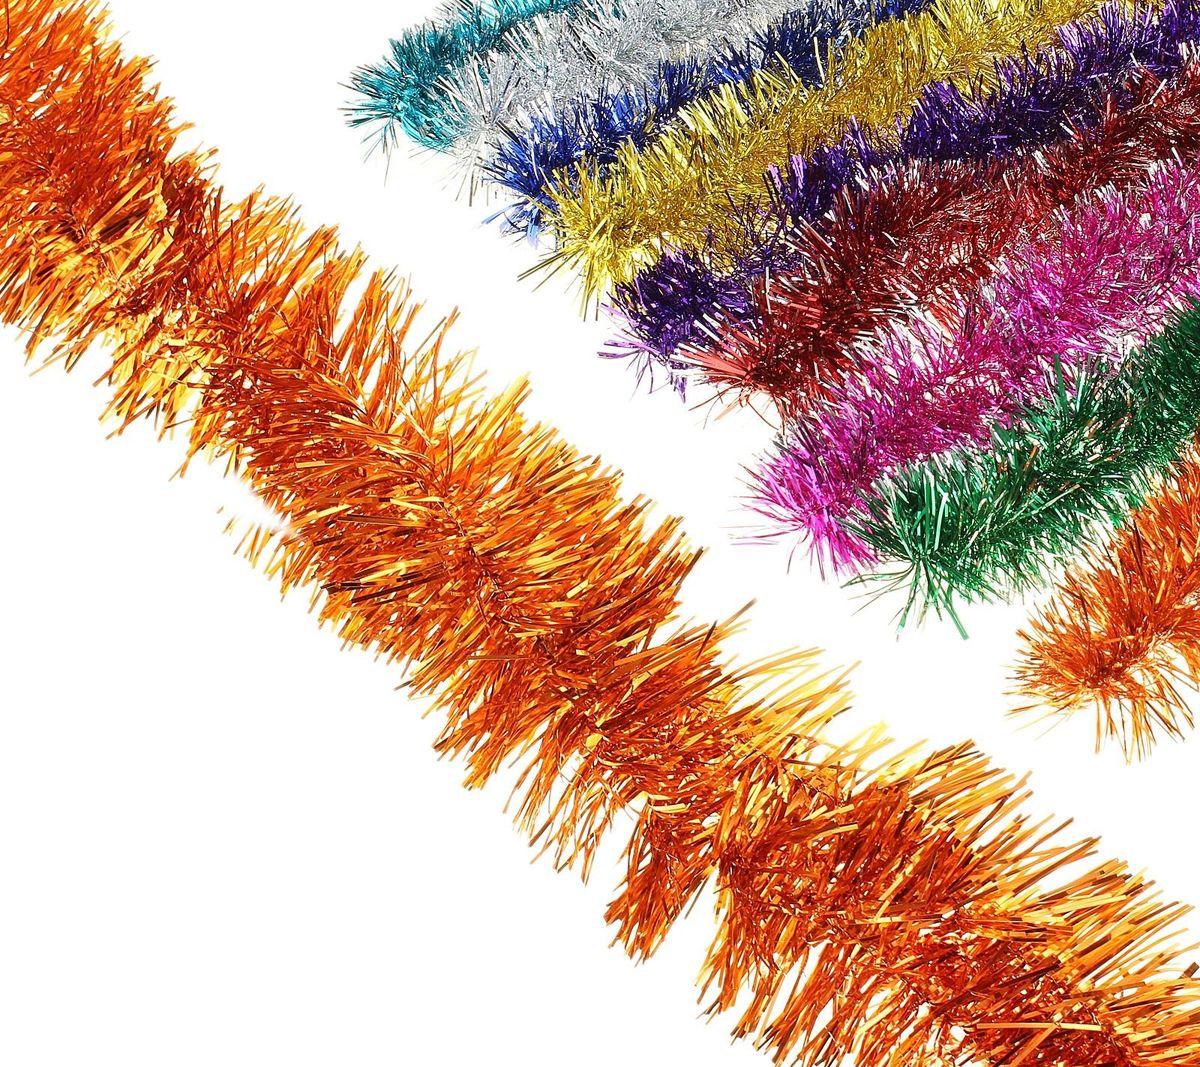 Мишура новогодняя Sima-land, цвет: красный, серебристый, диаметр 4 см, длина 1,3 м. 70130530530Мишура новогодняя Sima-land, выполненная из двухцветной фольги, поможет вам украсить свой дом к предстоящим праздникам. Мишура армирована, то есть имеет проволоку внутри и способна сохранять приданную ей форму.Новогодняя елка с таким украшением станет еще наряднее. Новогодней мишурой можно украсить все, что угодно - елку, квартиру, дачу, офис - как внутри, так и снаружи. Можно сложить новогодние поздравления, буквы и цифры, мишурой можно украсить и дополнить гирлянды, можно выделить дверные колонны, оплести дверные проемы. Коллекция декоративных украшений из серии Зимнее волшебство принесет в ваш дом ни с чем несравнимое ощущение праздника! Создайте в своем доме атмосферу тепла, веселья и радости, украшая его всей семьей.